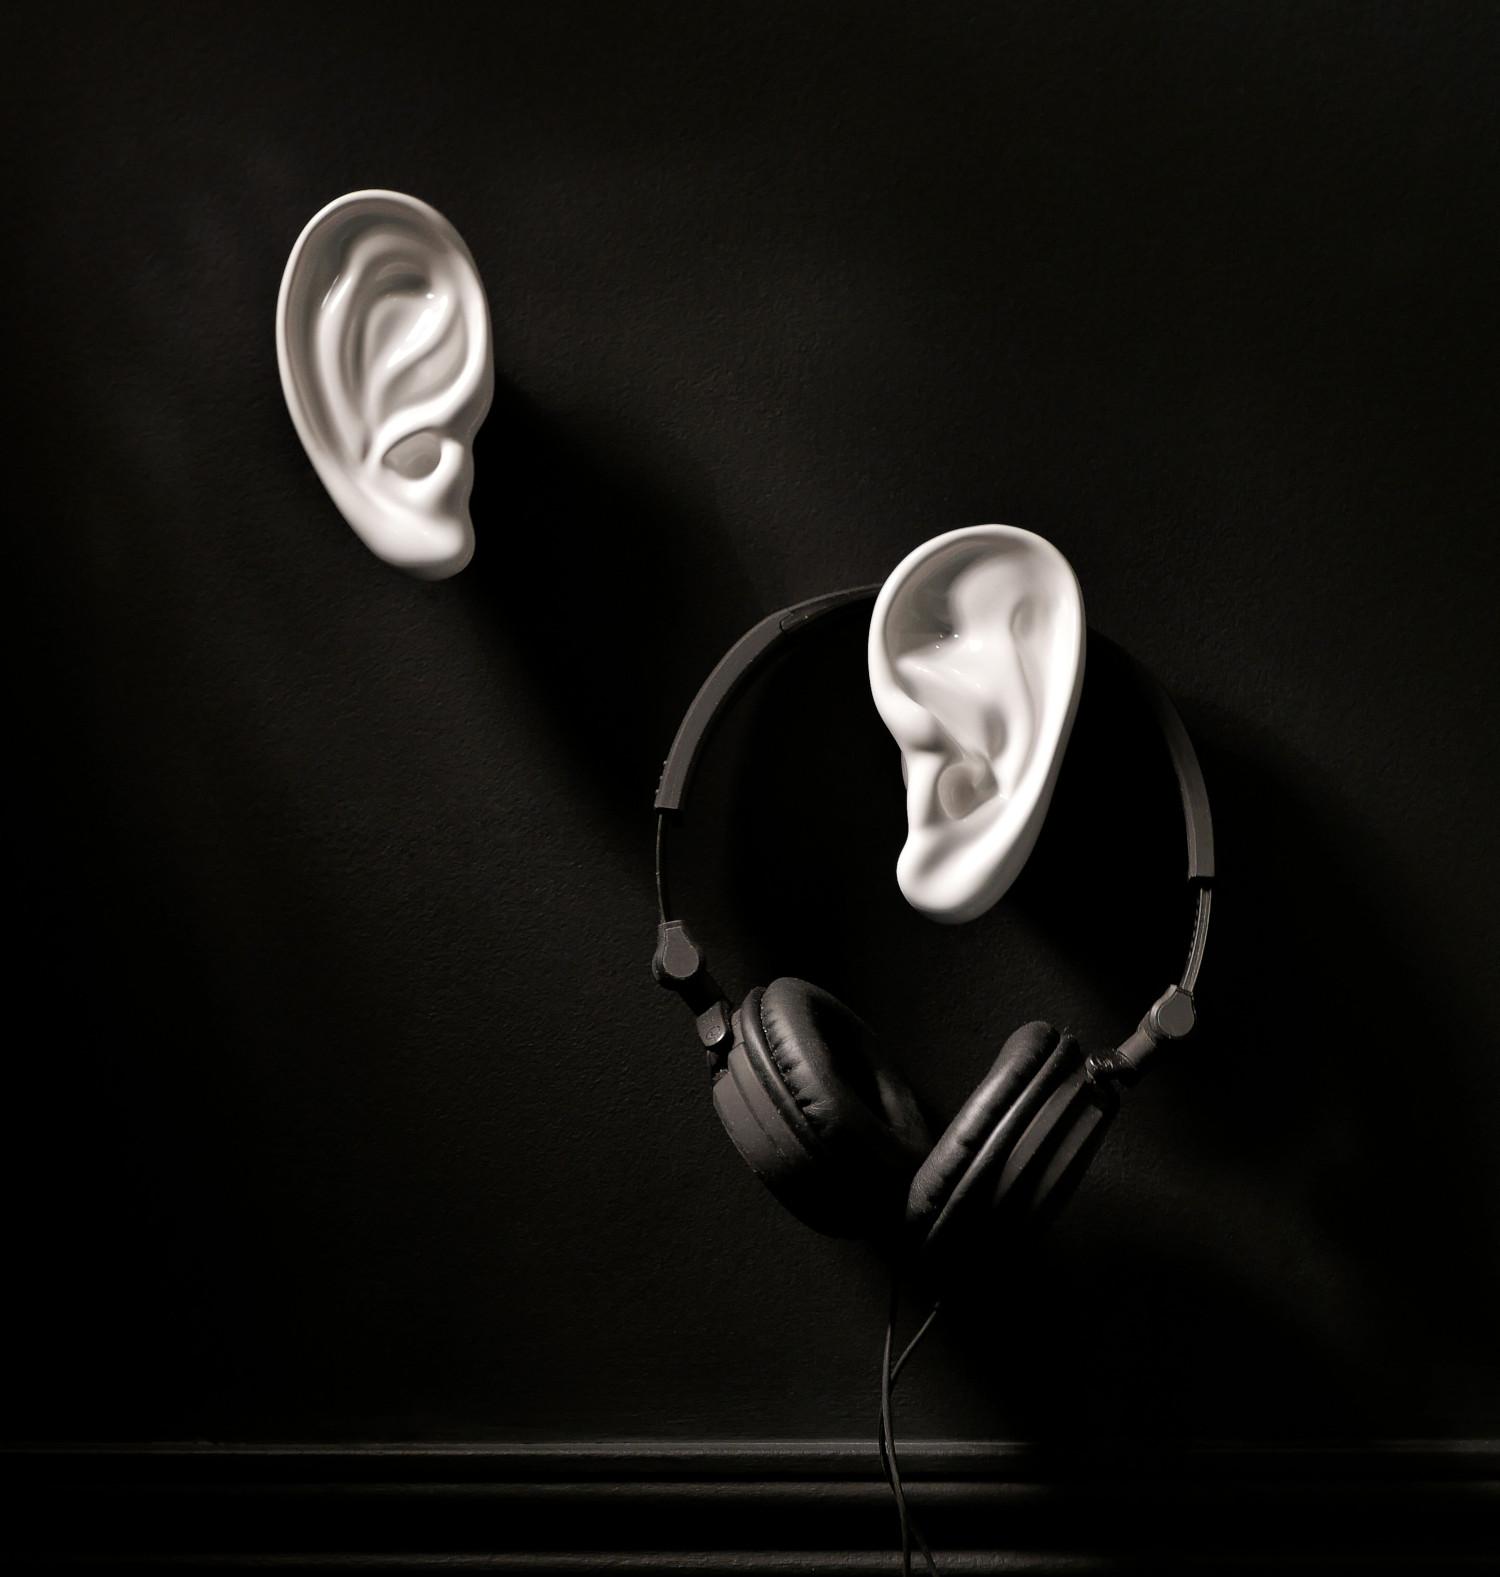 Les murs ont des oreilles : les patères oniriques par Made in WAW !